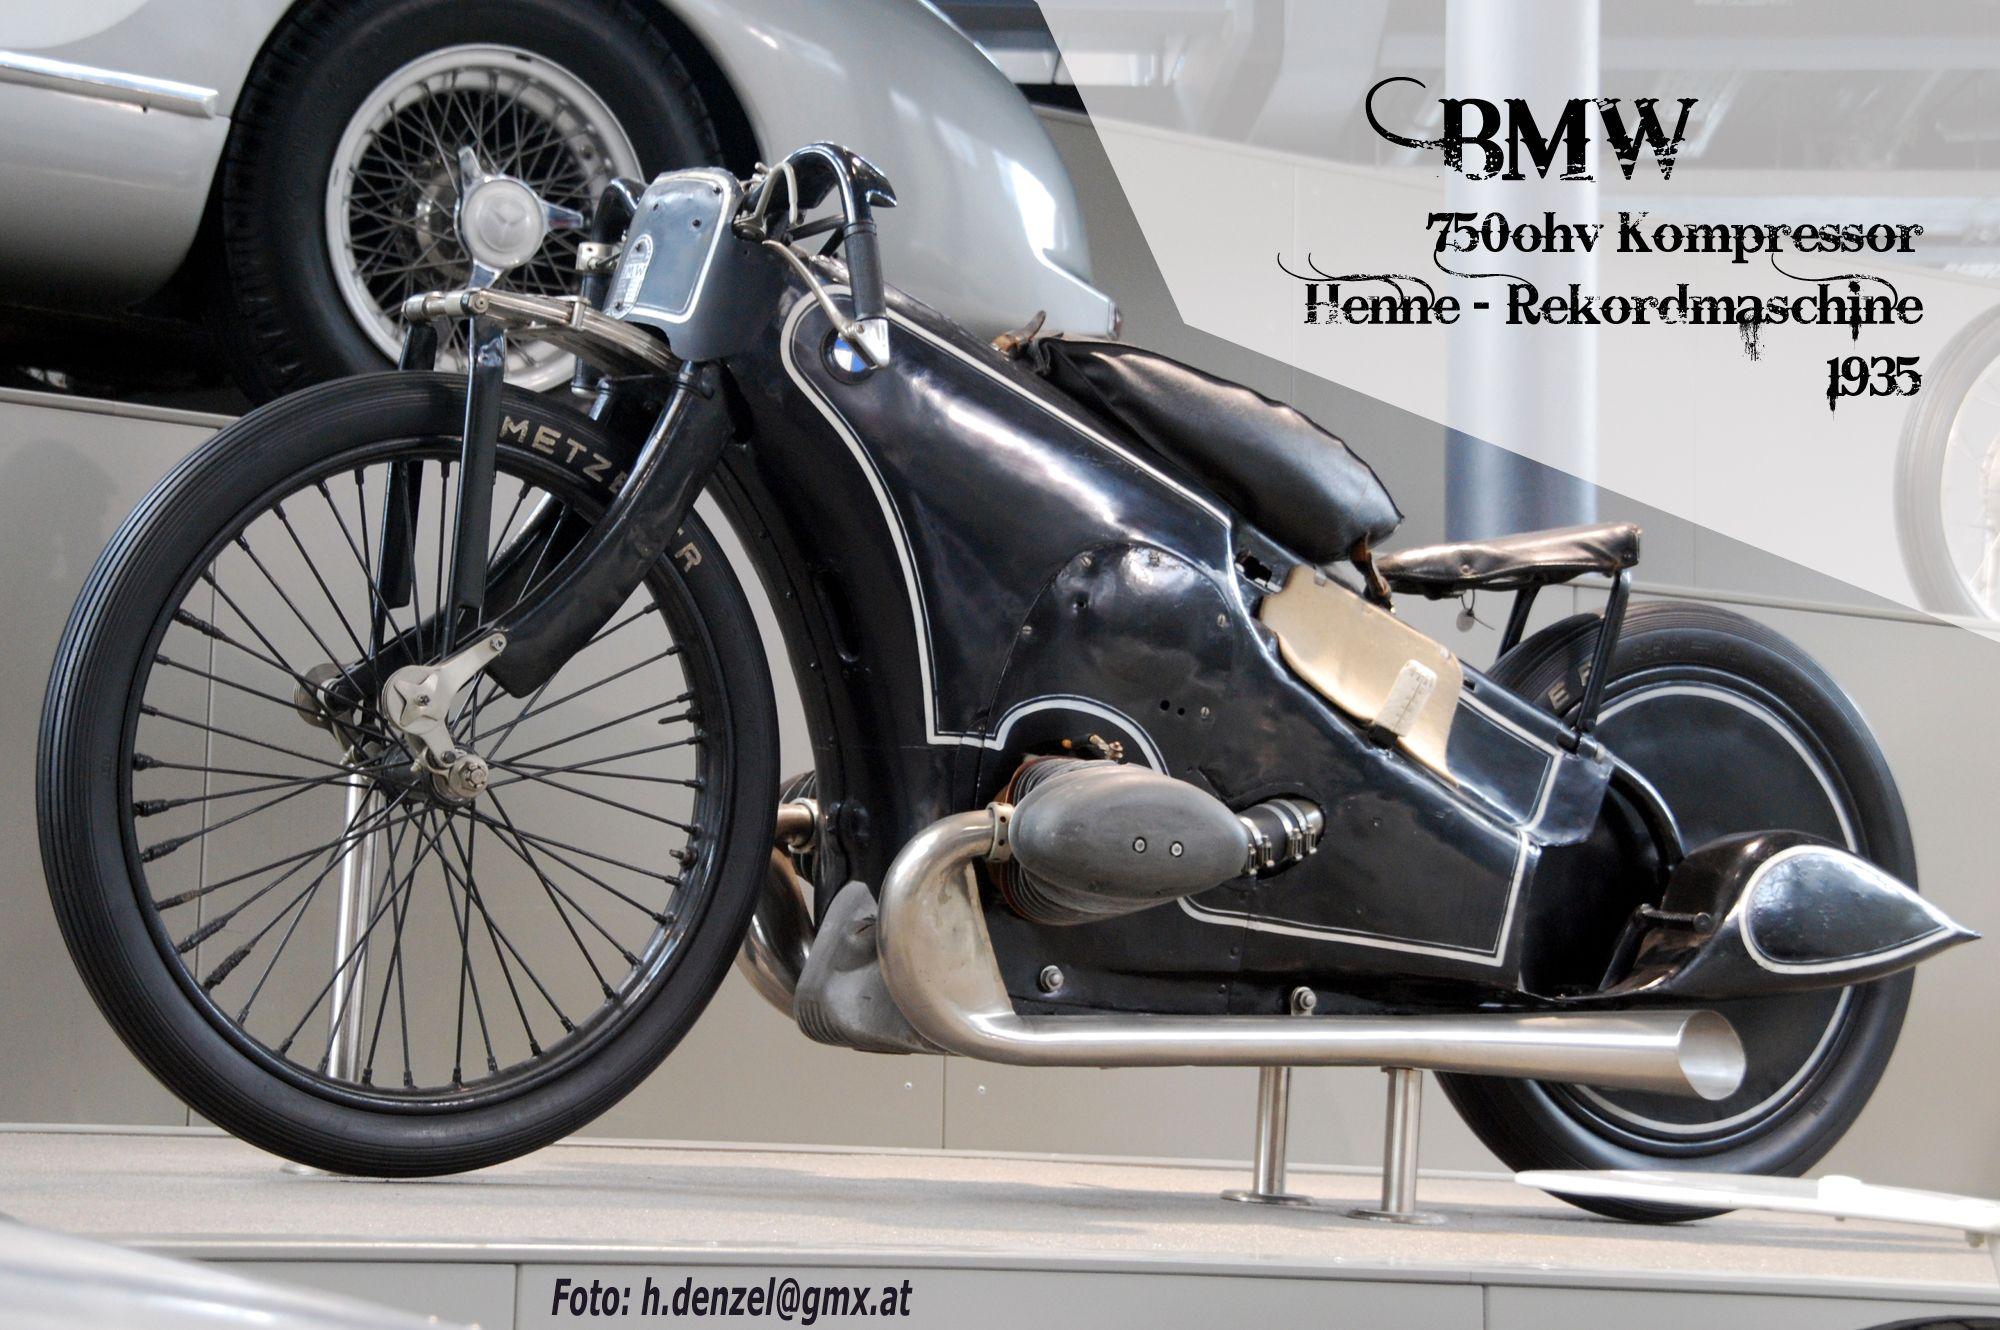 Bmw 750 Kompressor Rekordmaschine Ernst Henne 1935 Benzinradl N